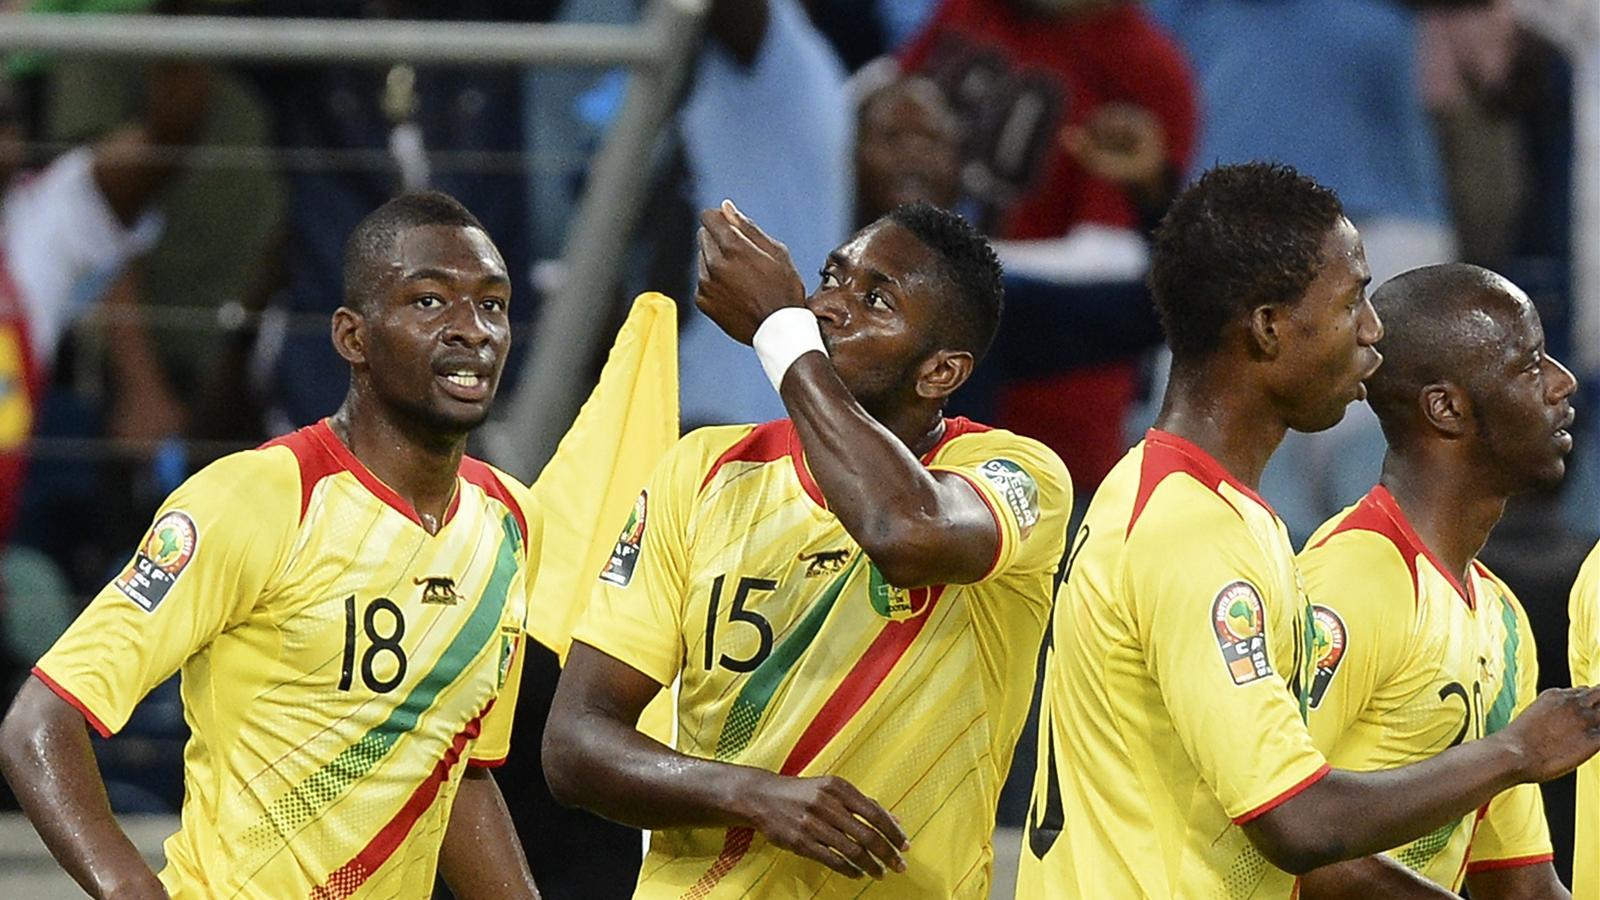 Le ghana et le mali au rendez vous coupe d 39 afrique des nations 2013 football eurosport - Resultat foot coupe d afrique ...